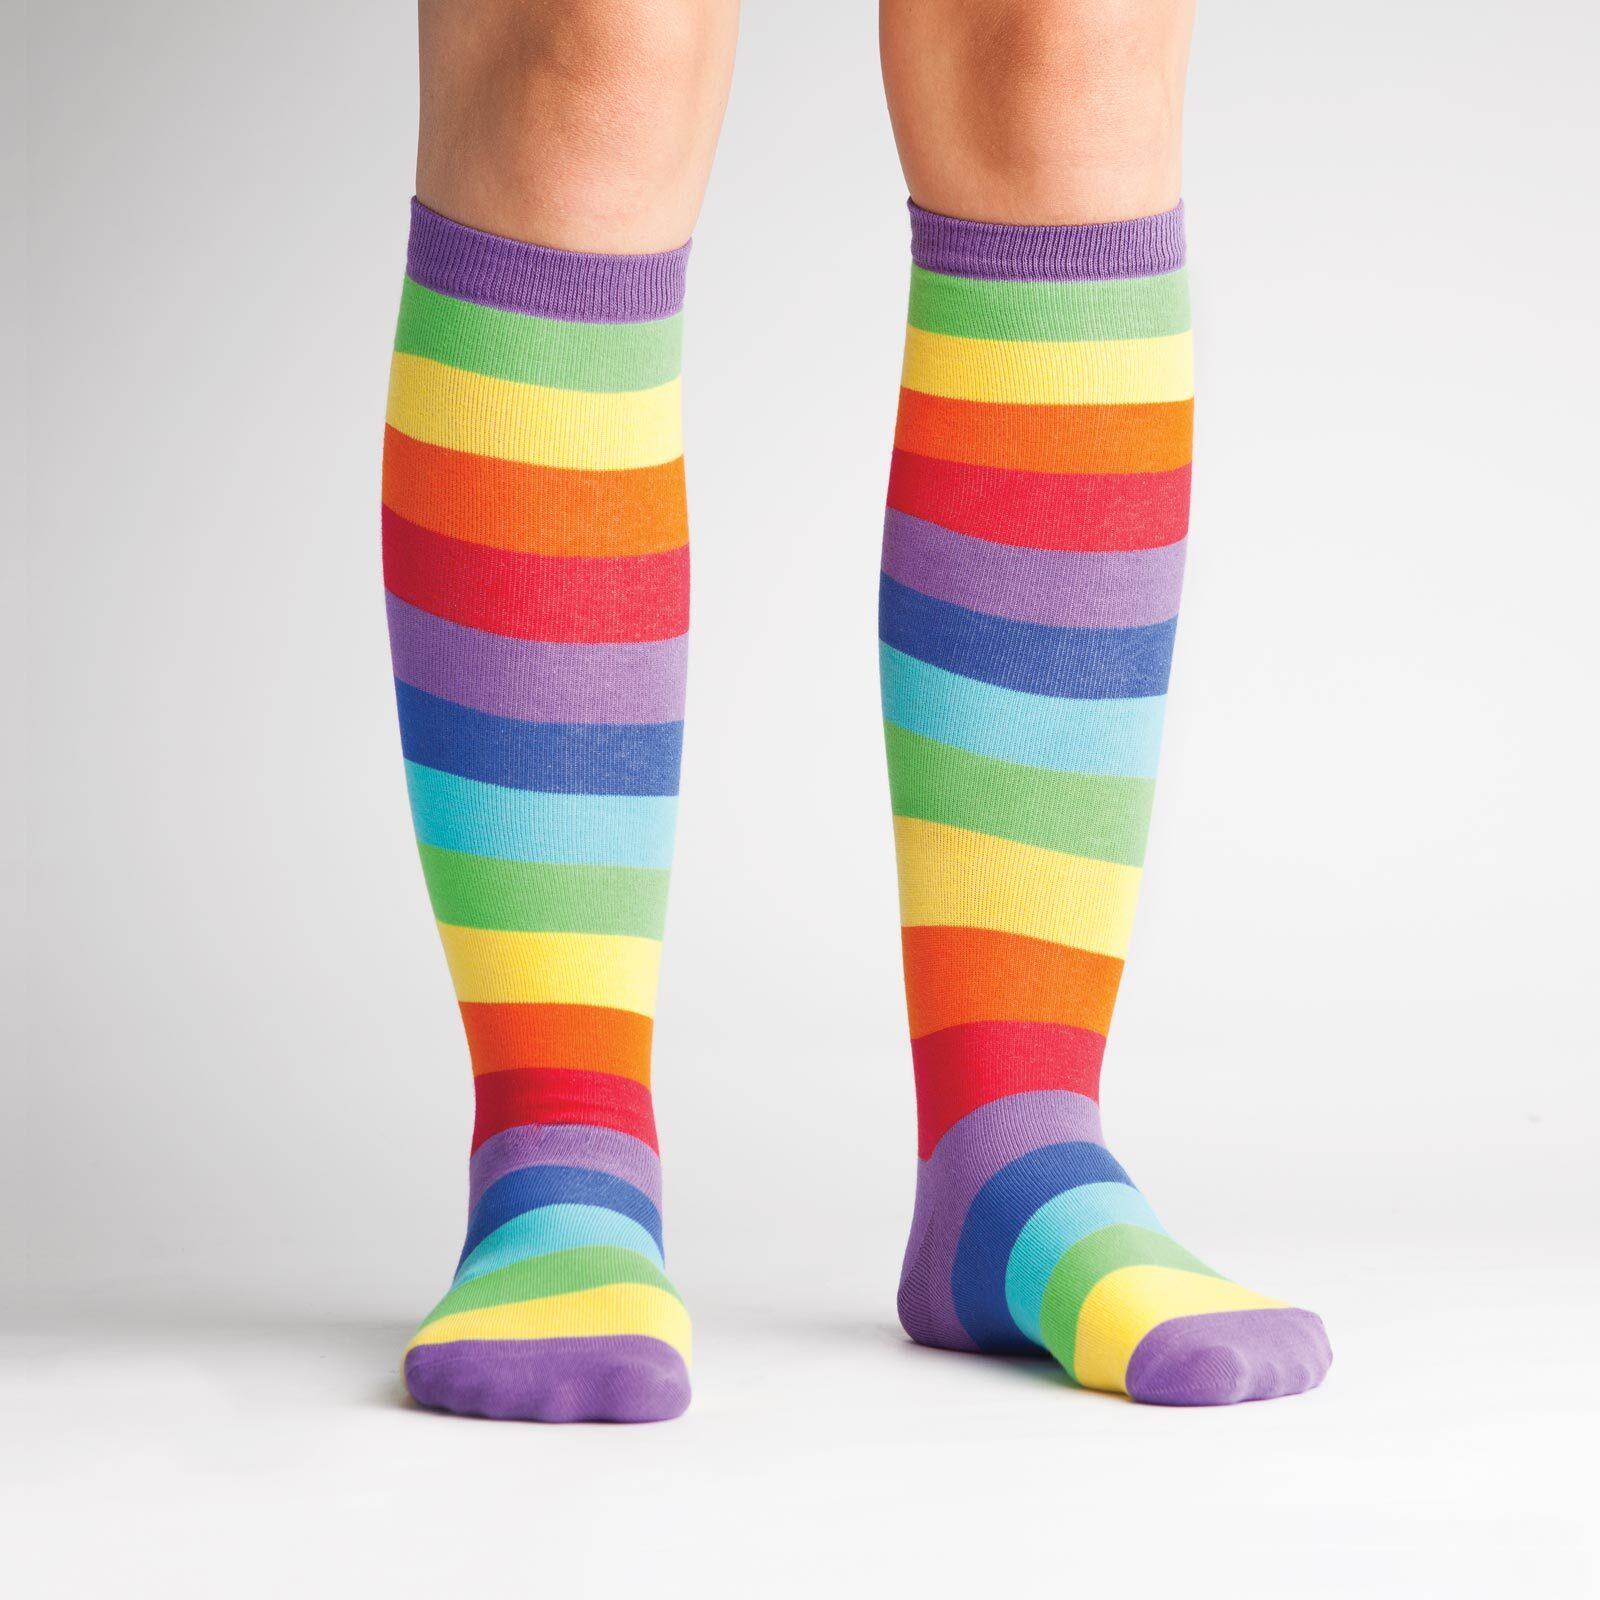 model wearing Super Juicy - Wide Calf - Rainbow Knee High Socks - Unisex